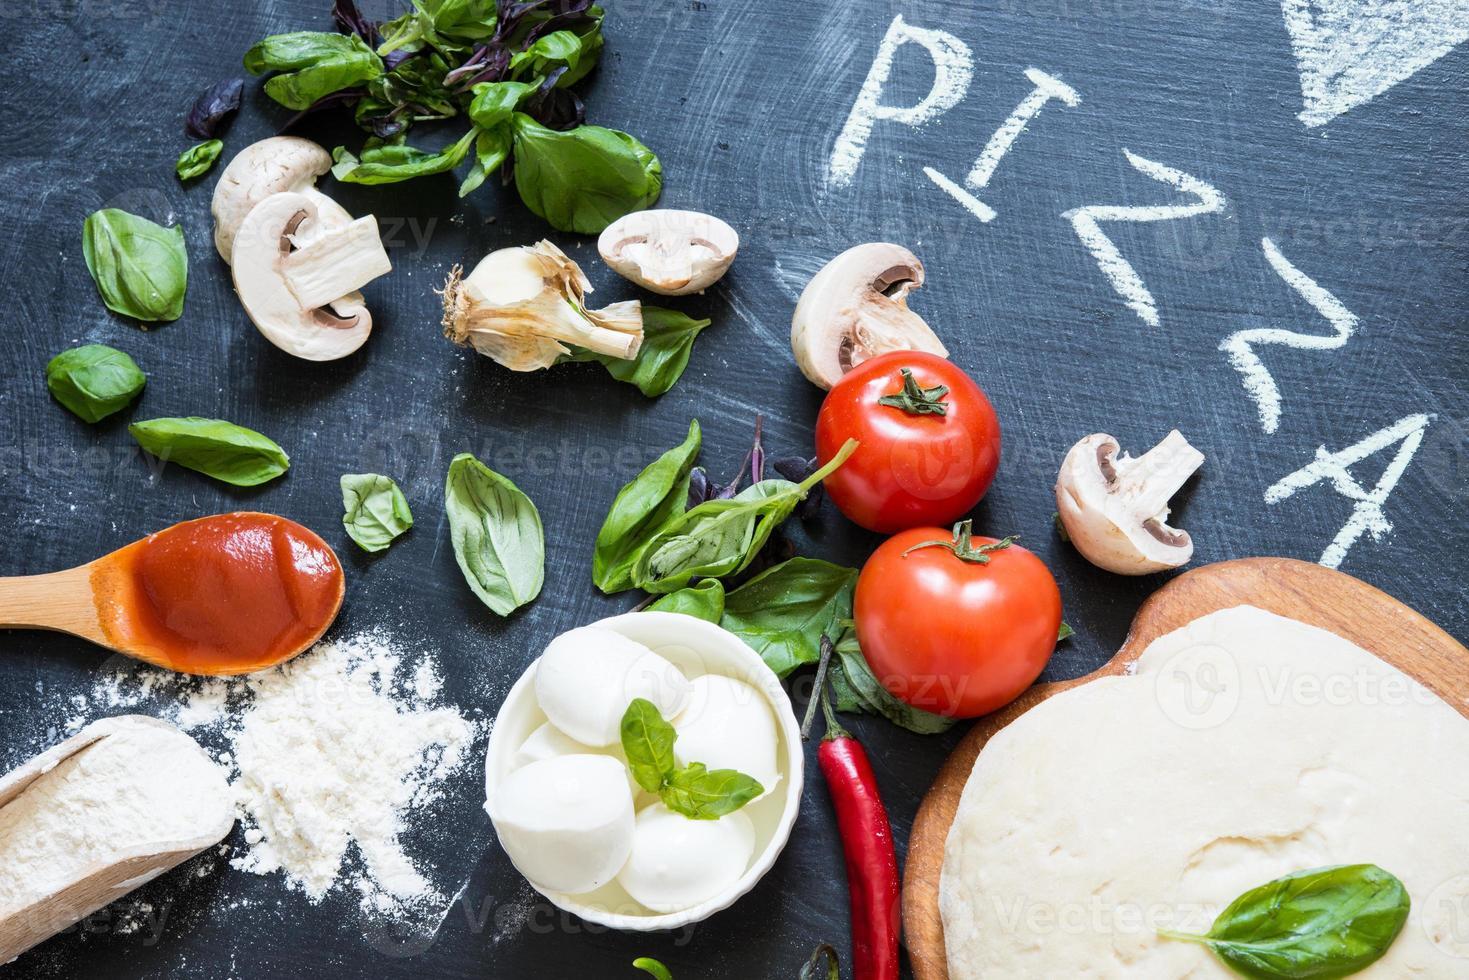 masa e ingredientes para pizza foto